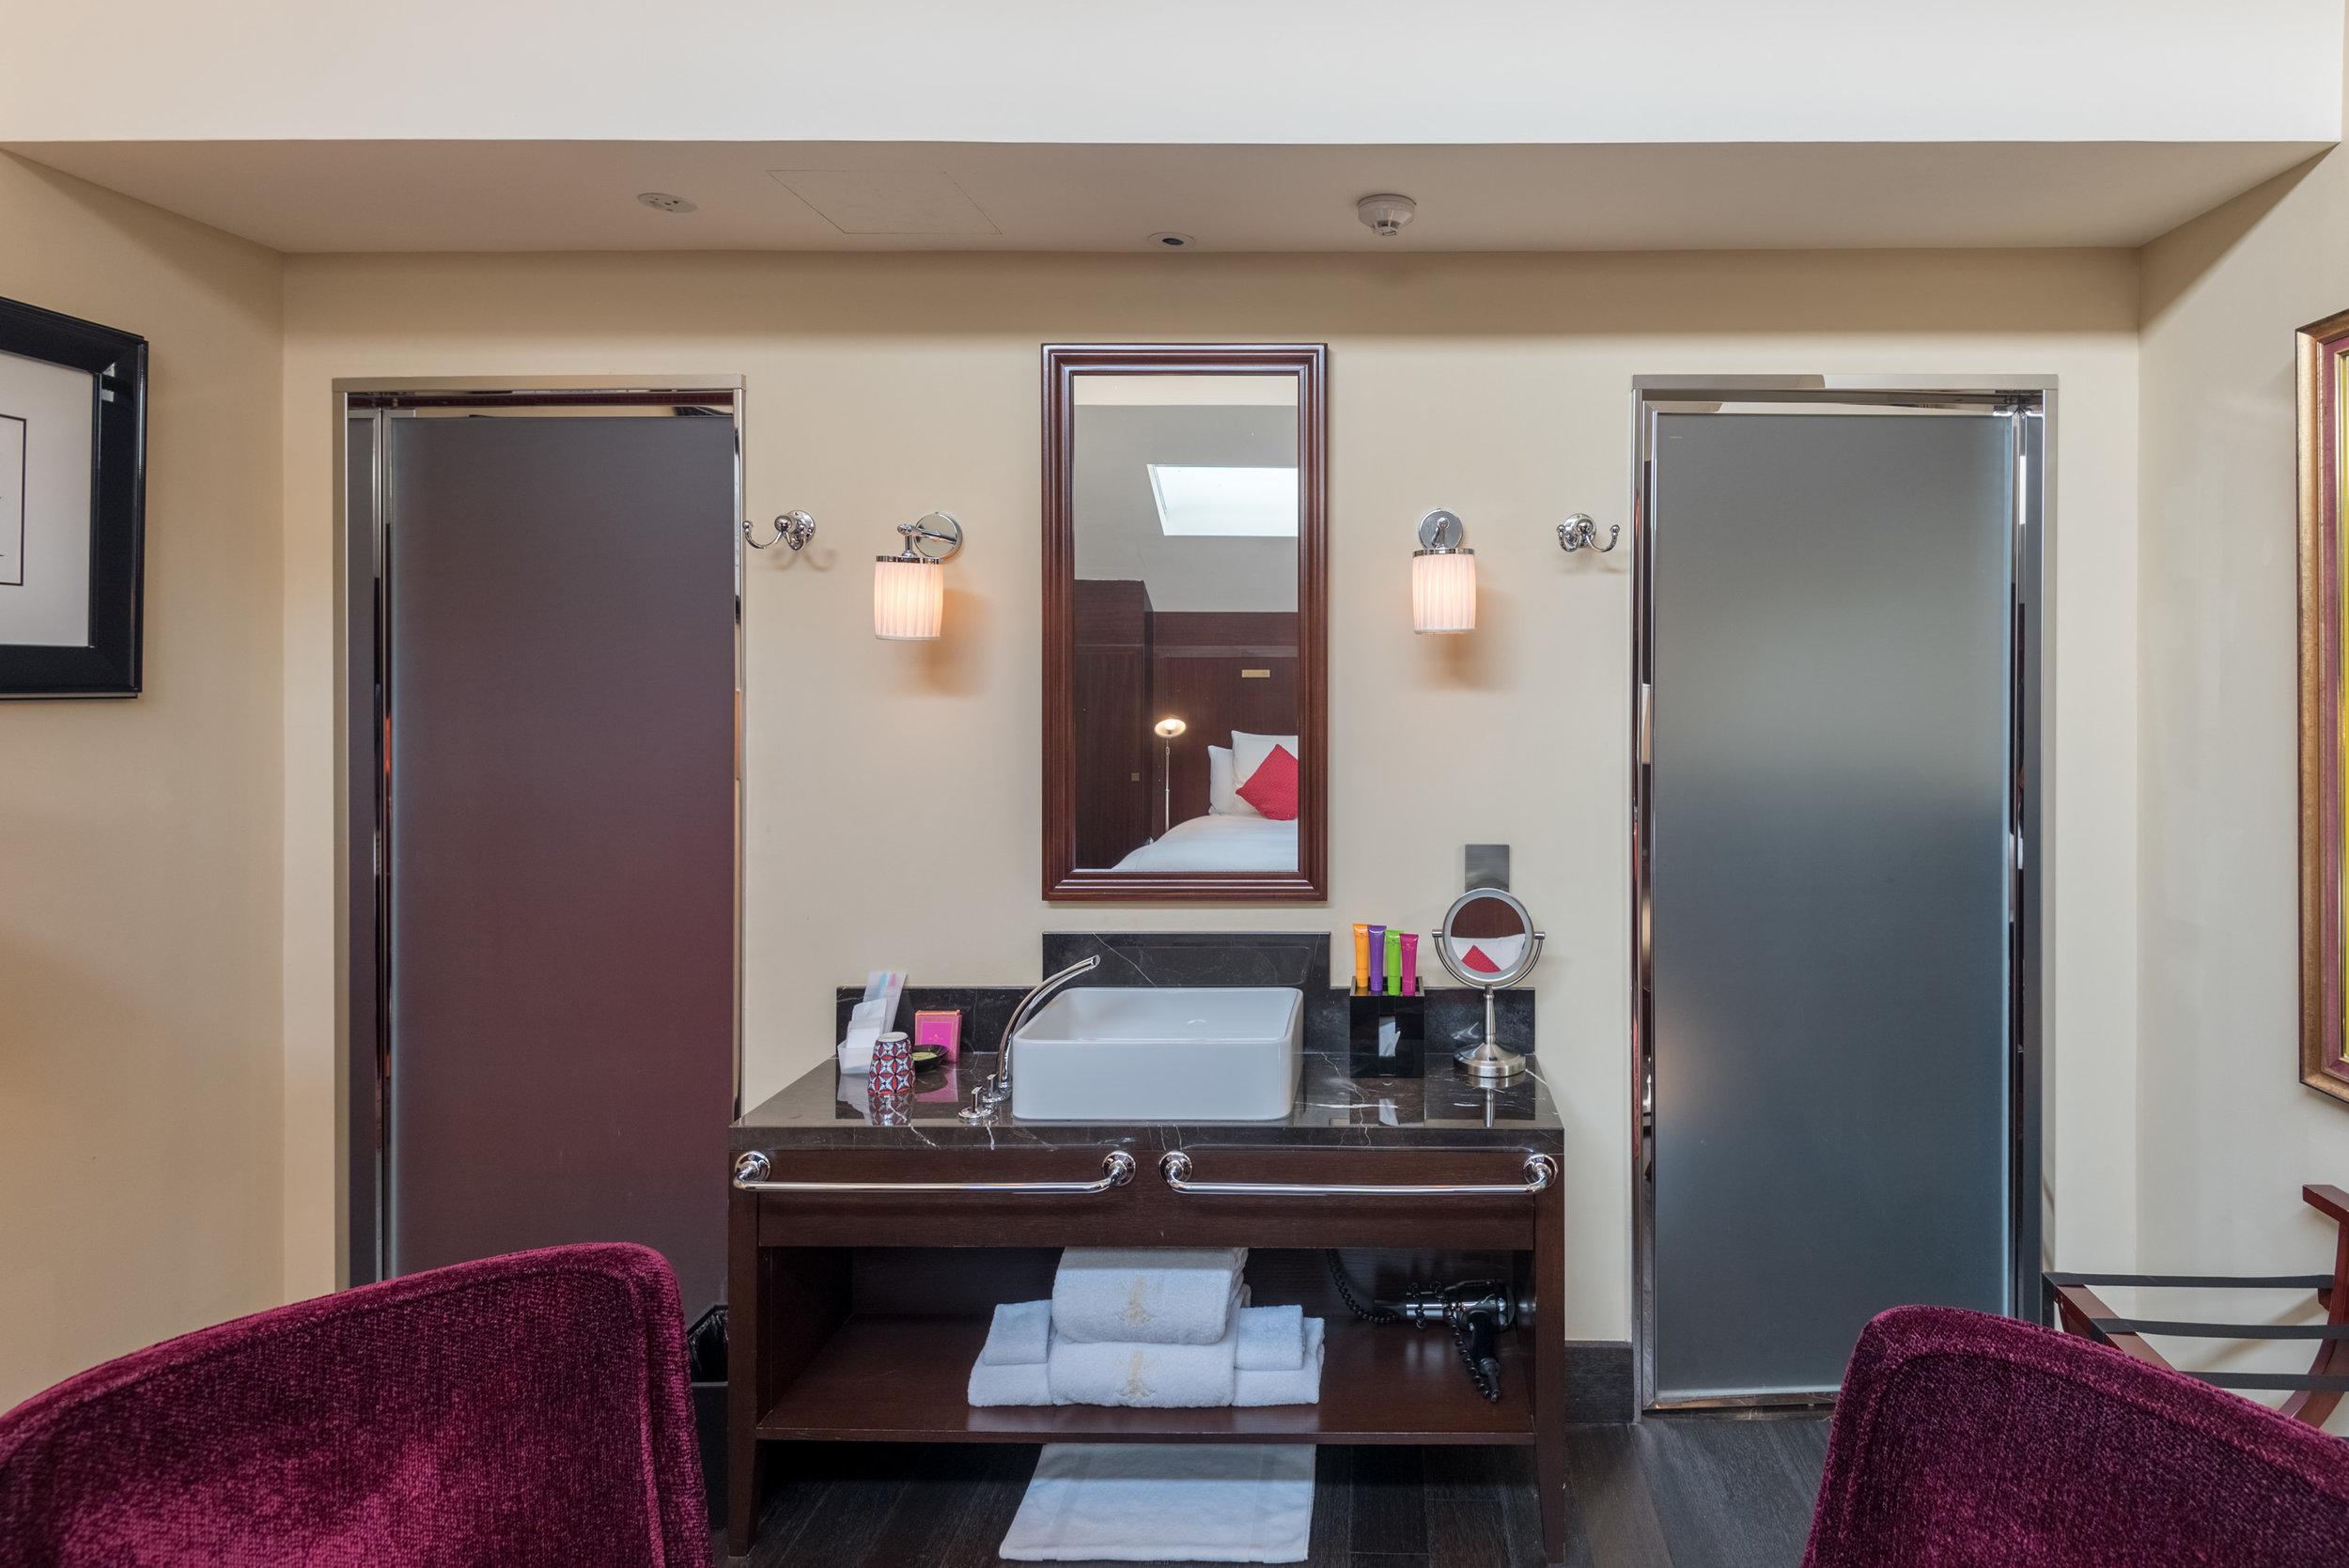 Bathroom  Art Executive Club Suite - The Vagabond Club, A Tribute Portfolio Hotel, Singapore